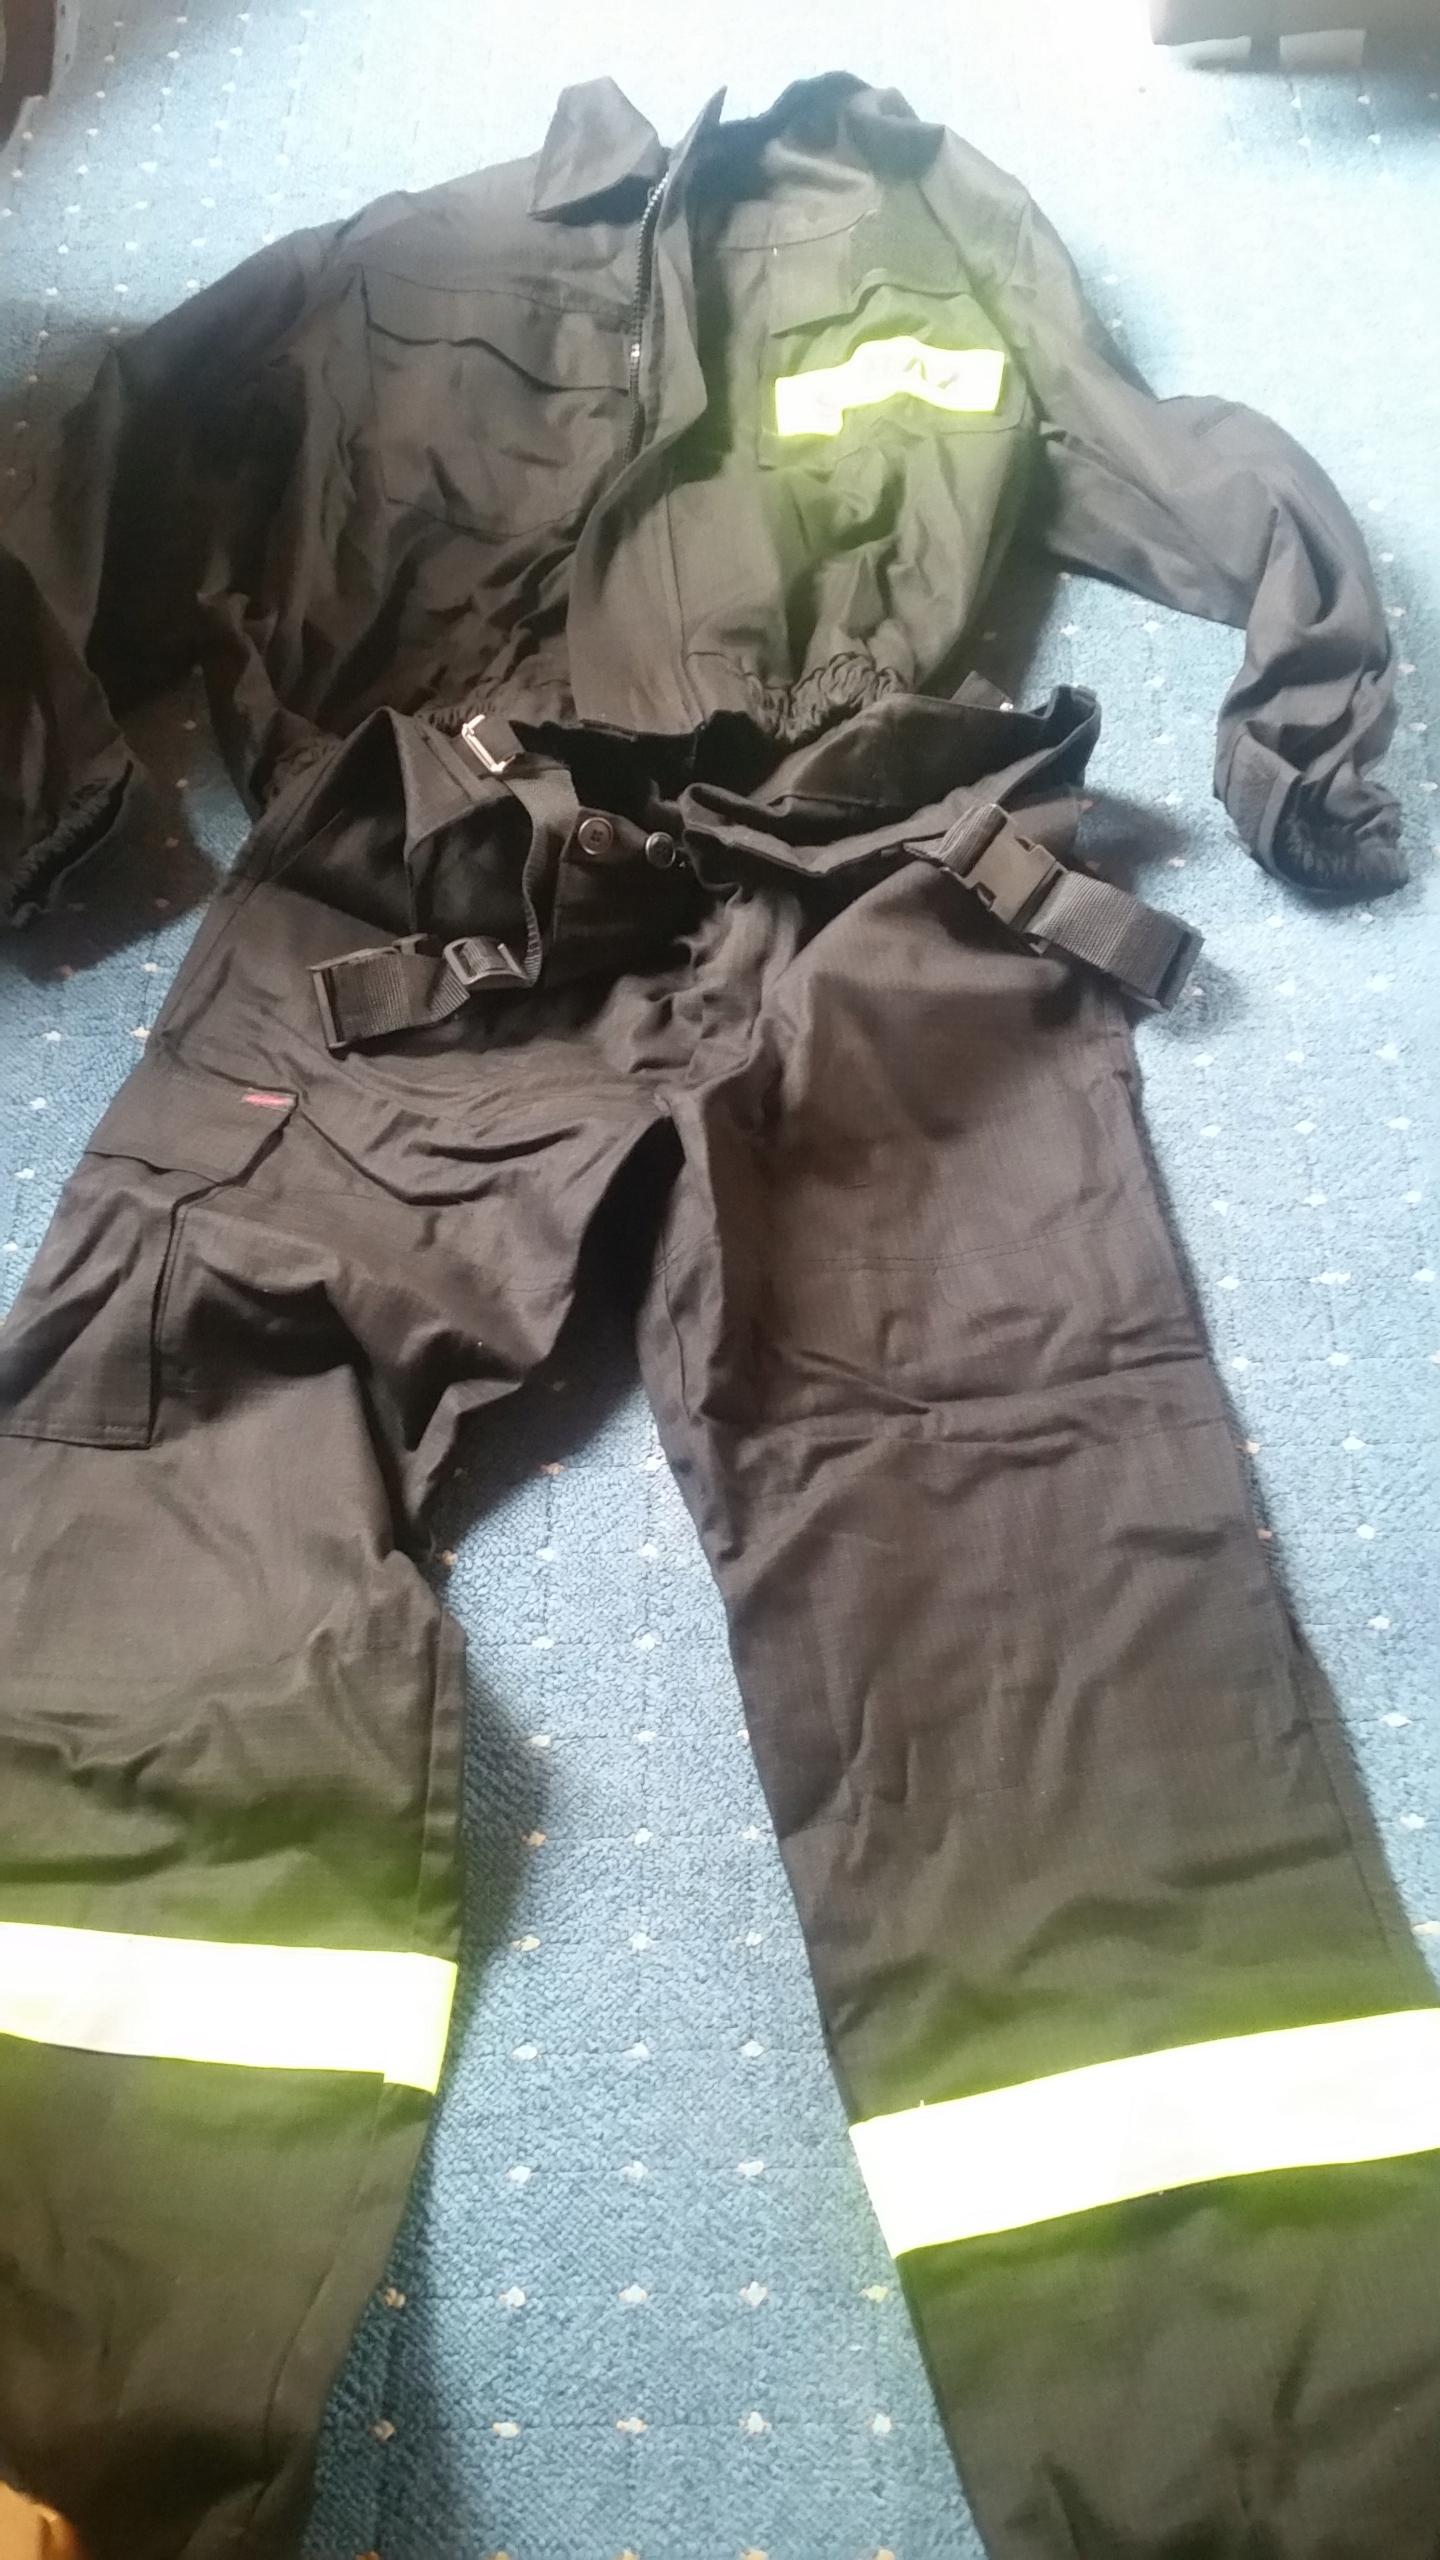 Ubranie koszarowe strażackie 3 części koszarówka c